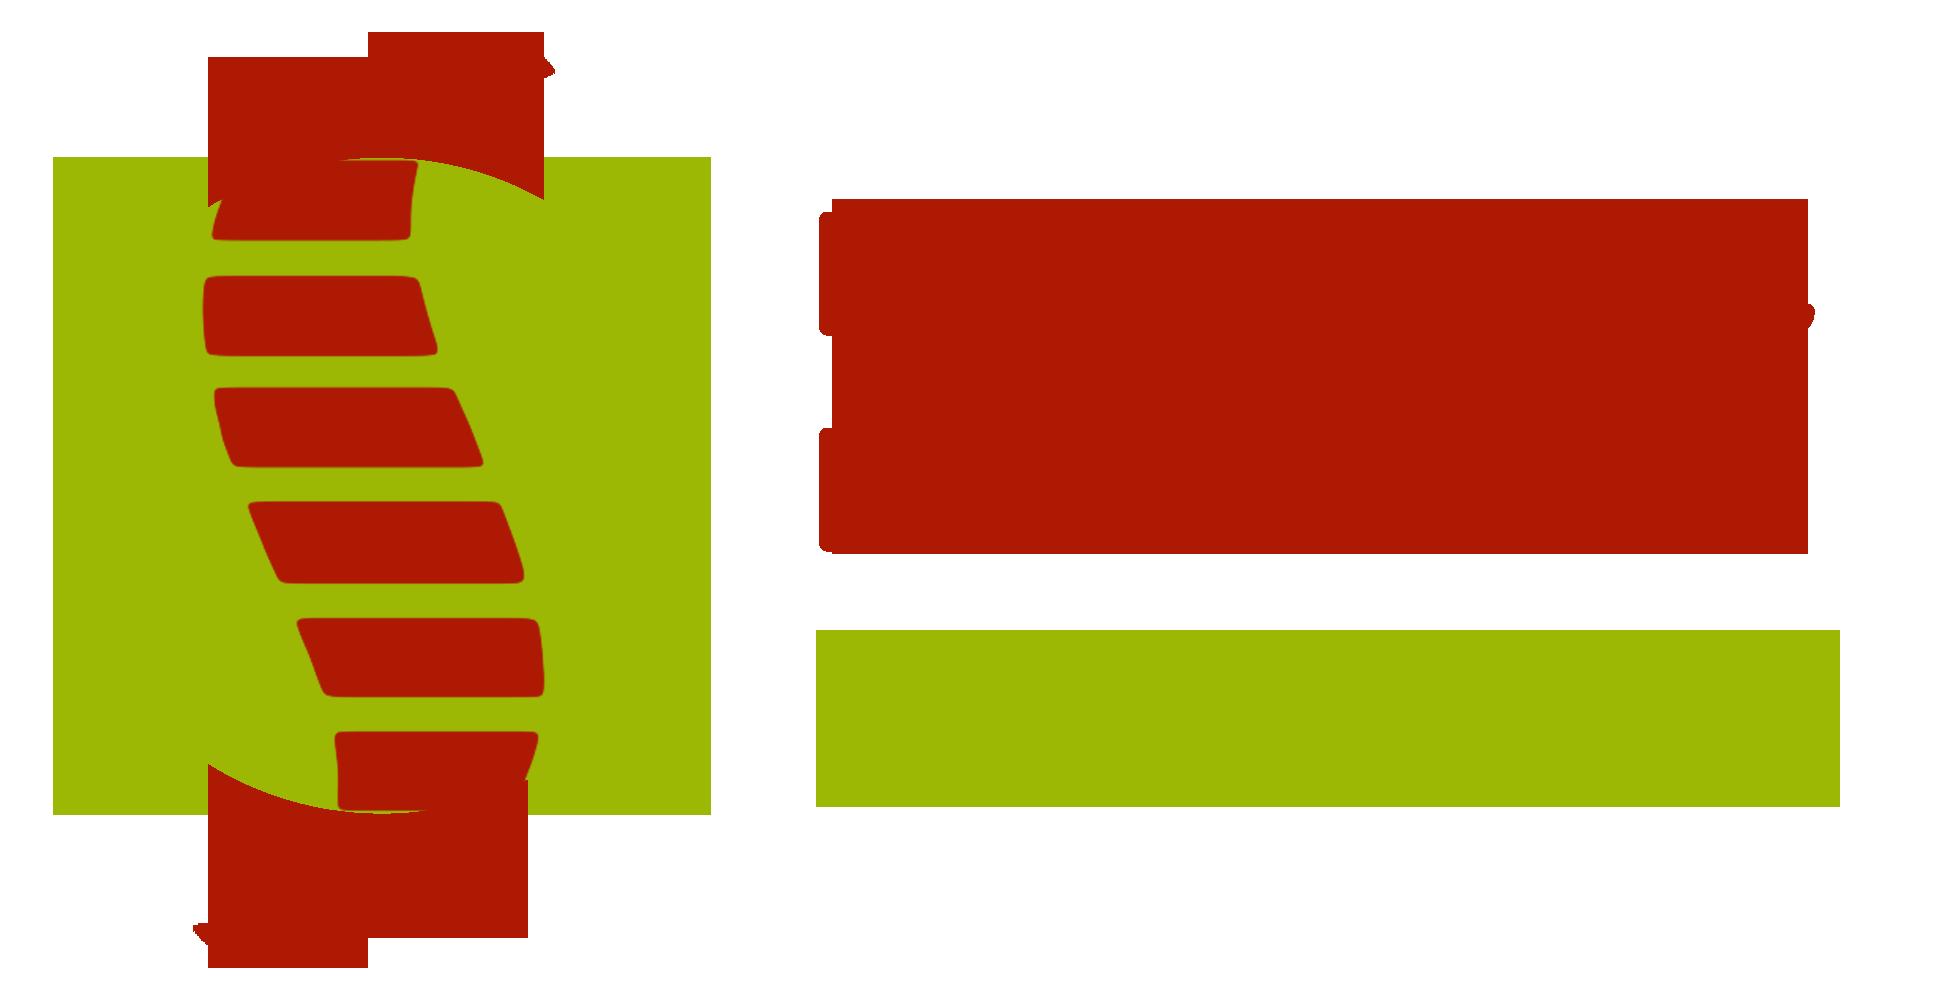 Orthopäden Dr. Schmalz und Dr. Janßen in Dortmund Hombruch Logo